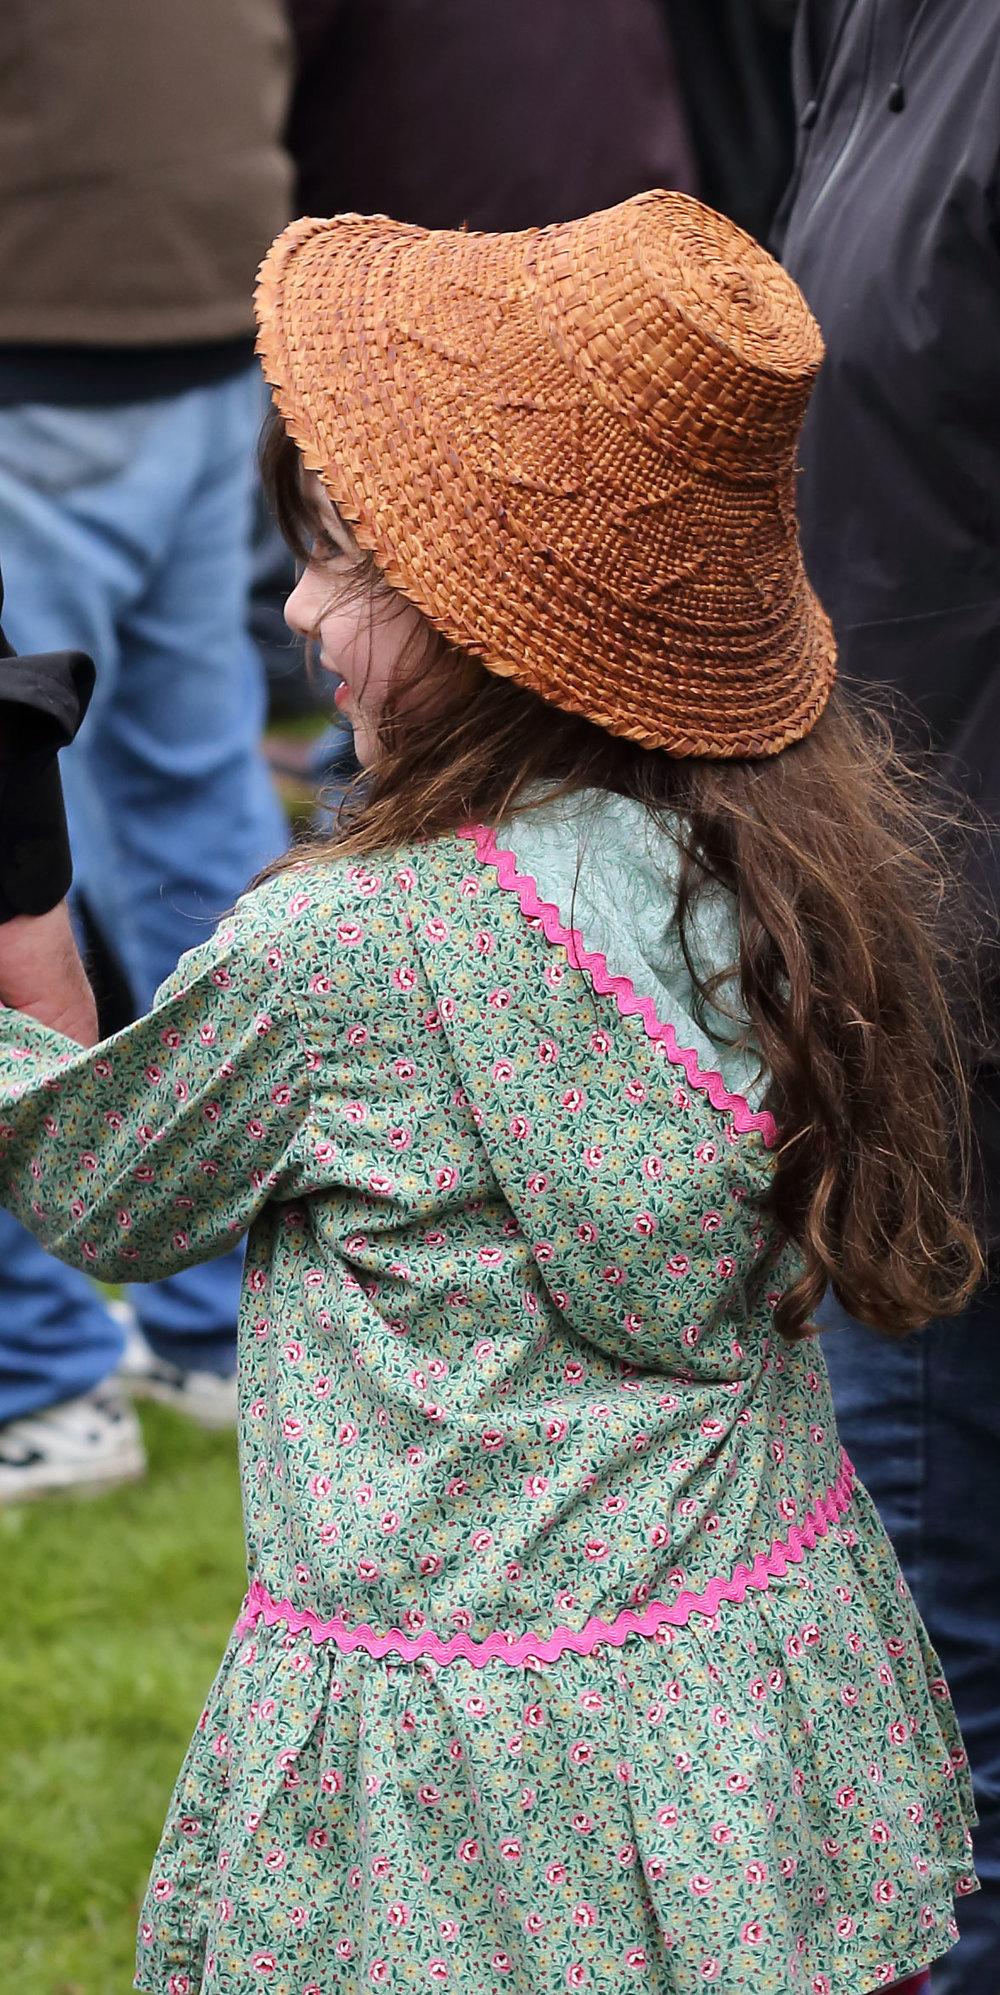 Alaska Native Cedar Bark Hat Kuspuk Wrangell